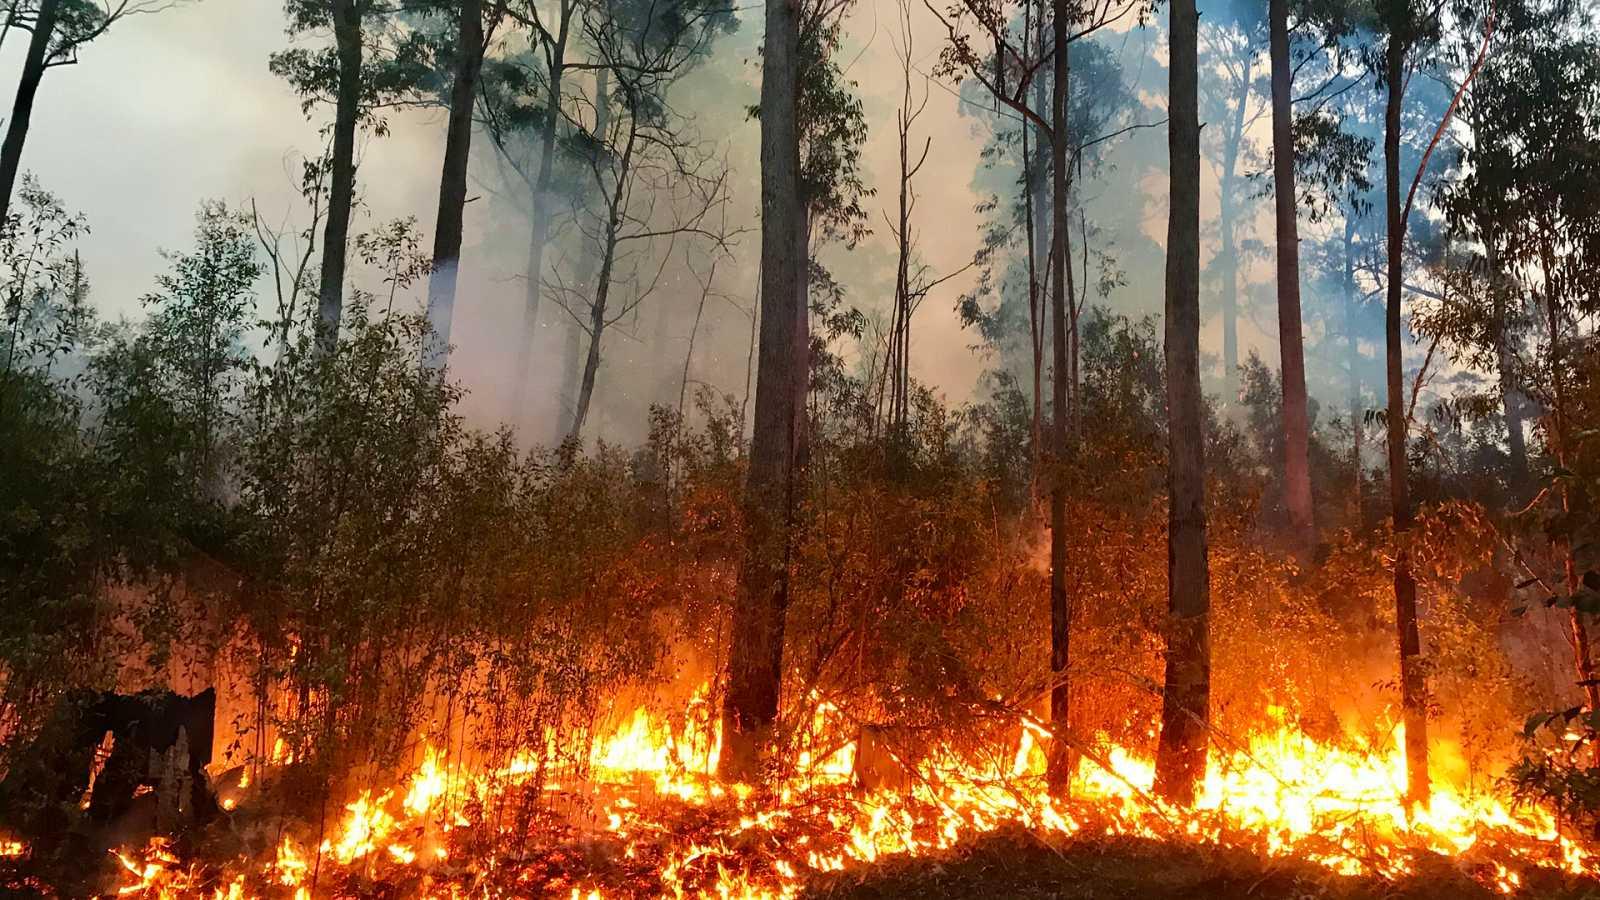 El Bosque Protector Incendios Forestales